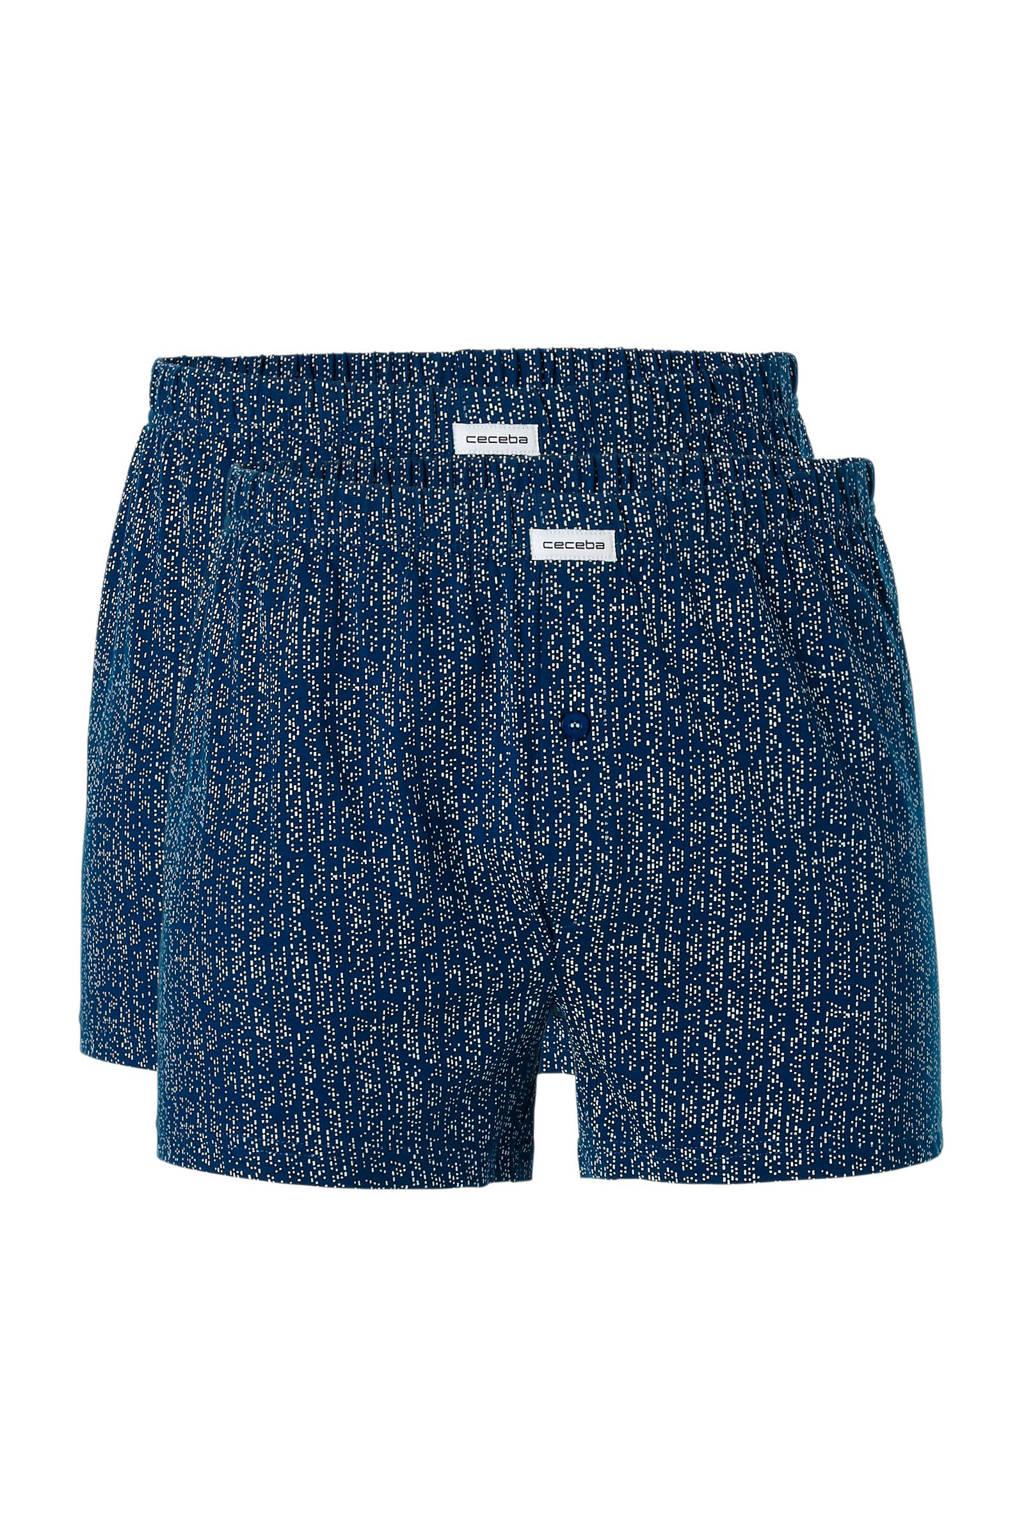 Ceceba boxershort (set van 2), Blauw